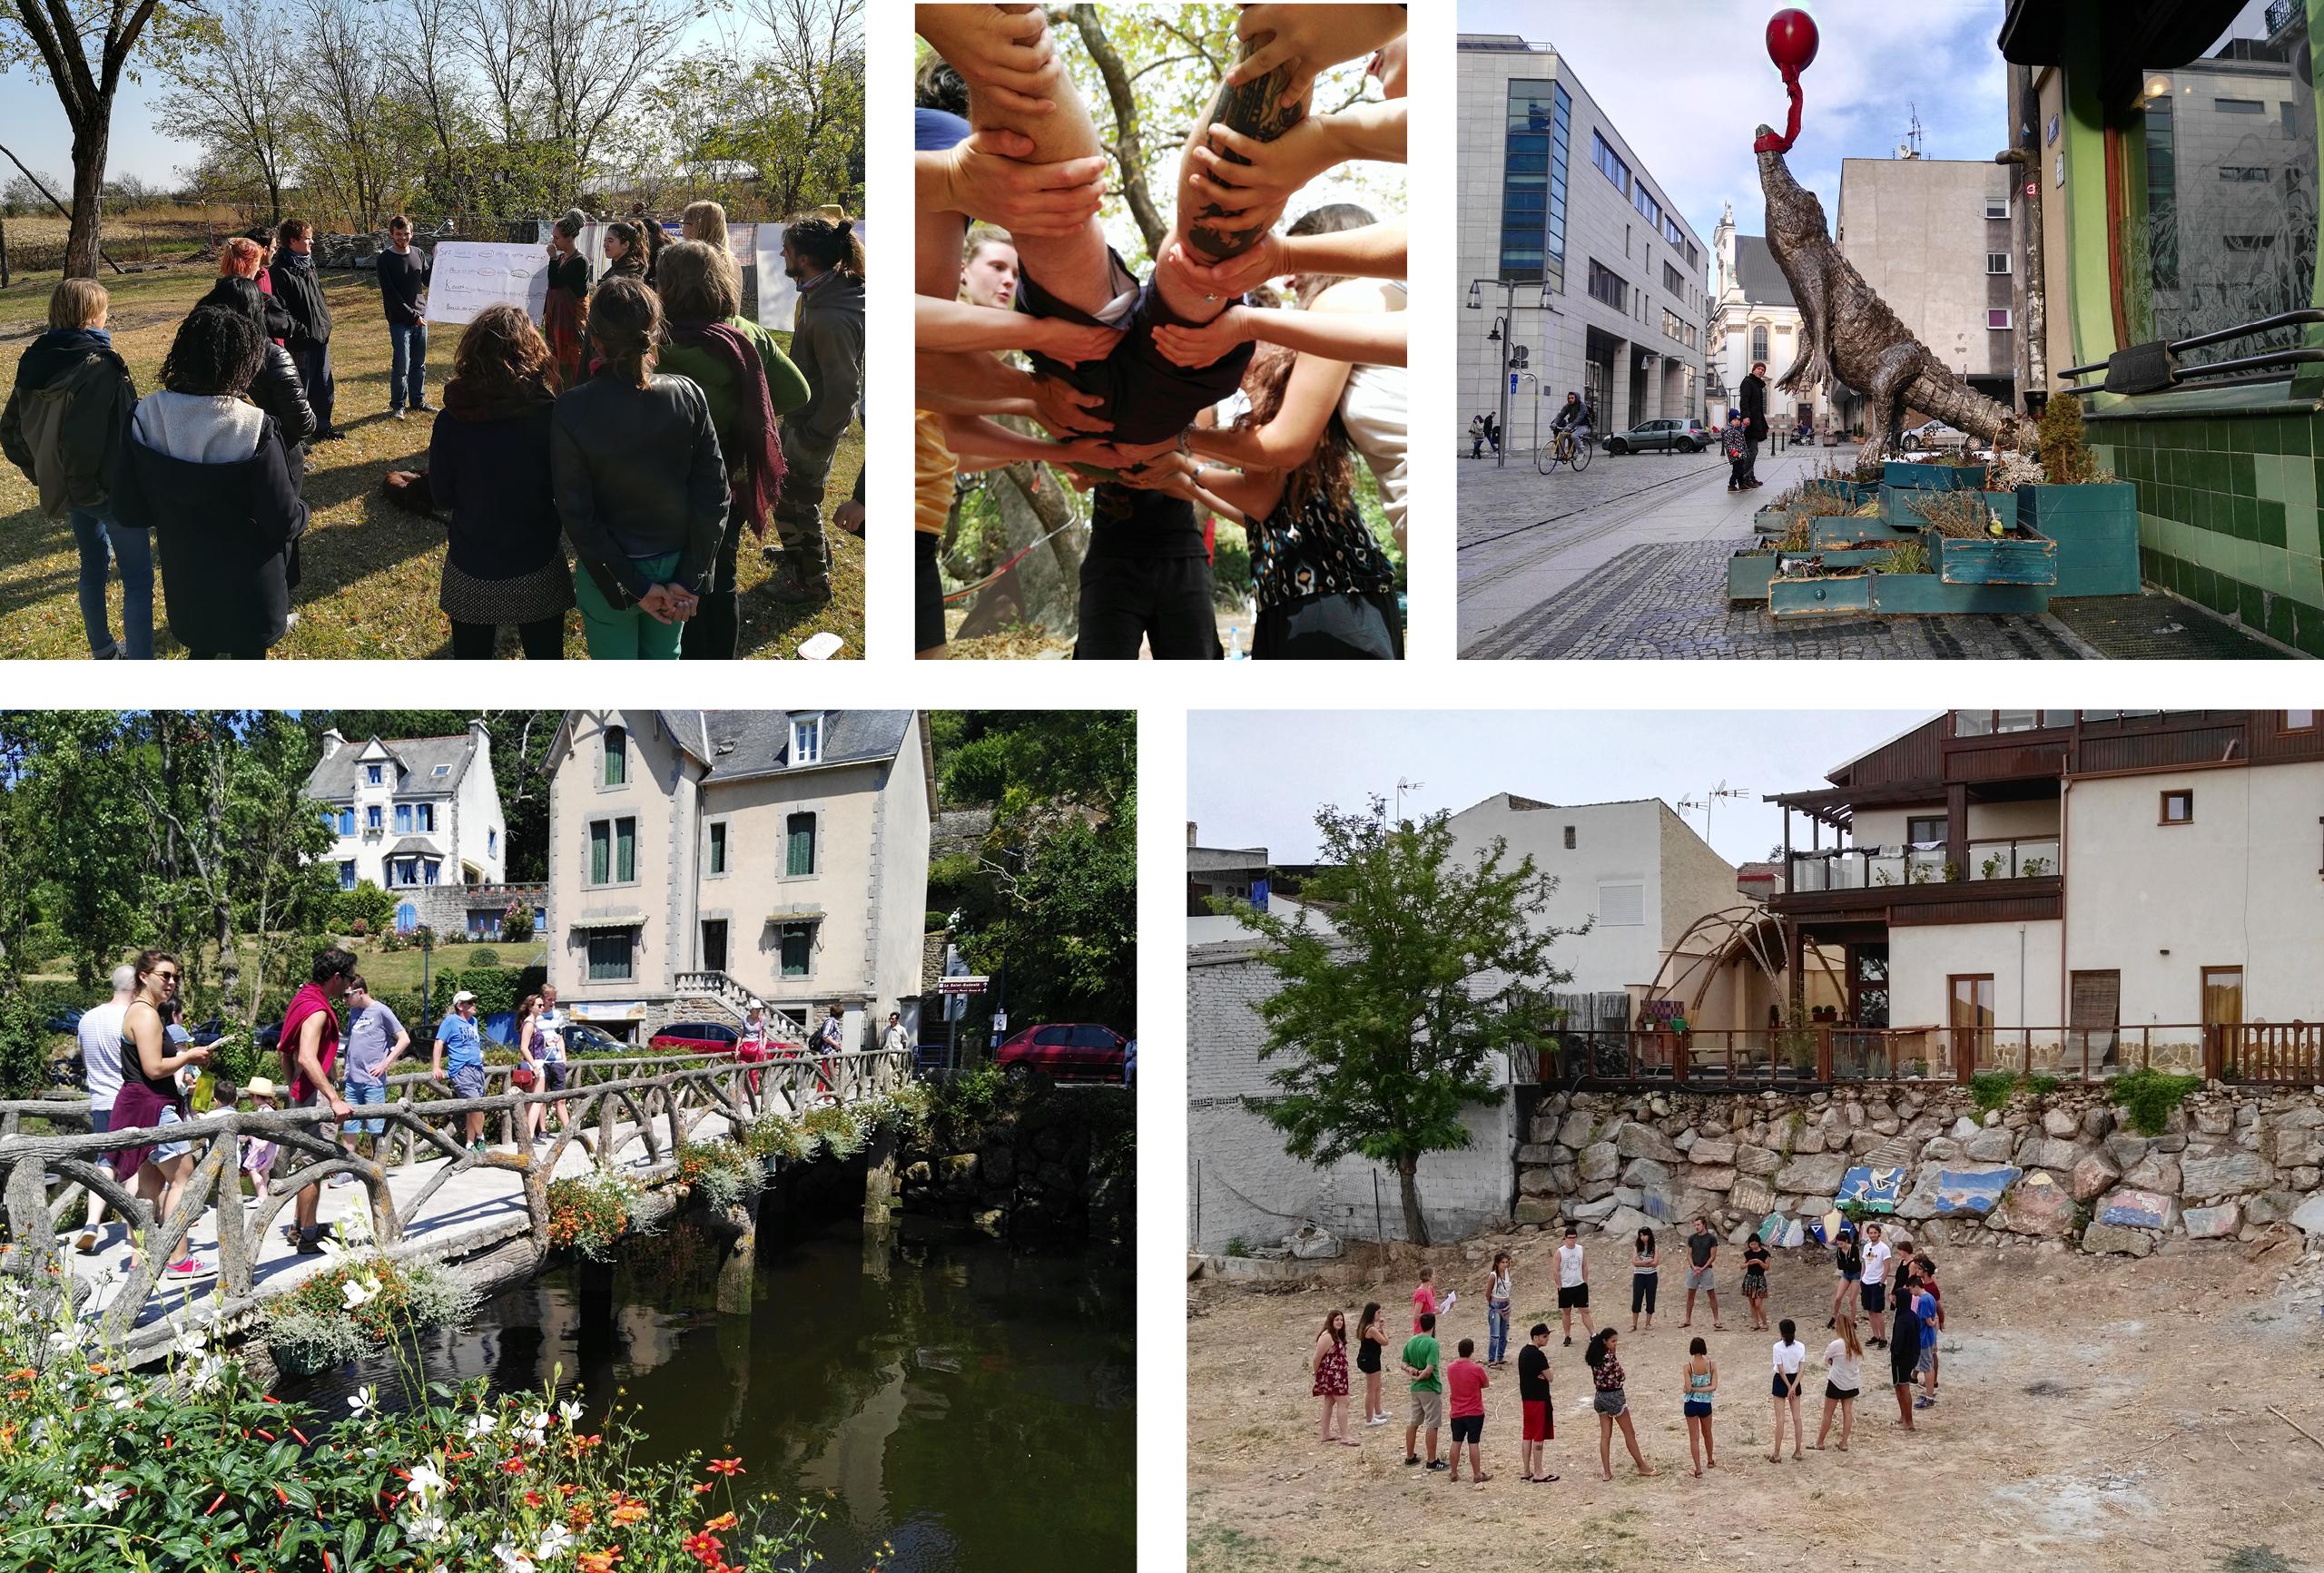 Junge Menschen auf einer Wiese bei der Präsentation von Flipcharts. // Junge Menschen tragen eine Person gemeinsam auf ihren Händen. // Stadtansicht mit der Skulptur eines Krokodils. // Personen auf einer kleinen Fußgängerbrücke.  // Junge Menschen, die in einem Kreis stehen.